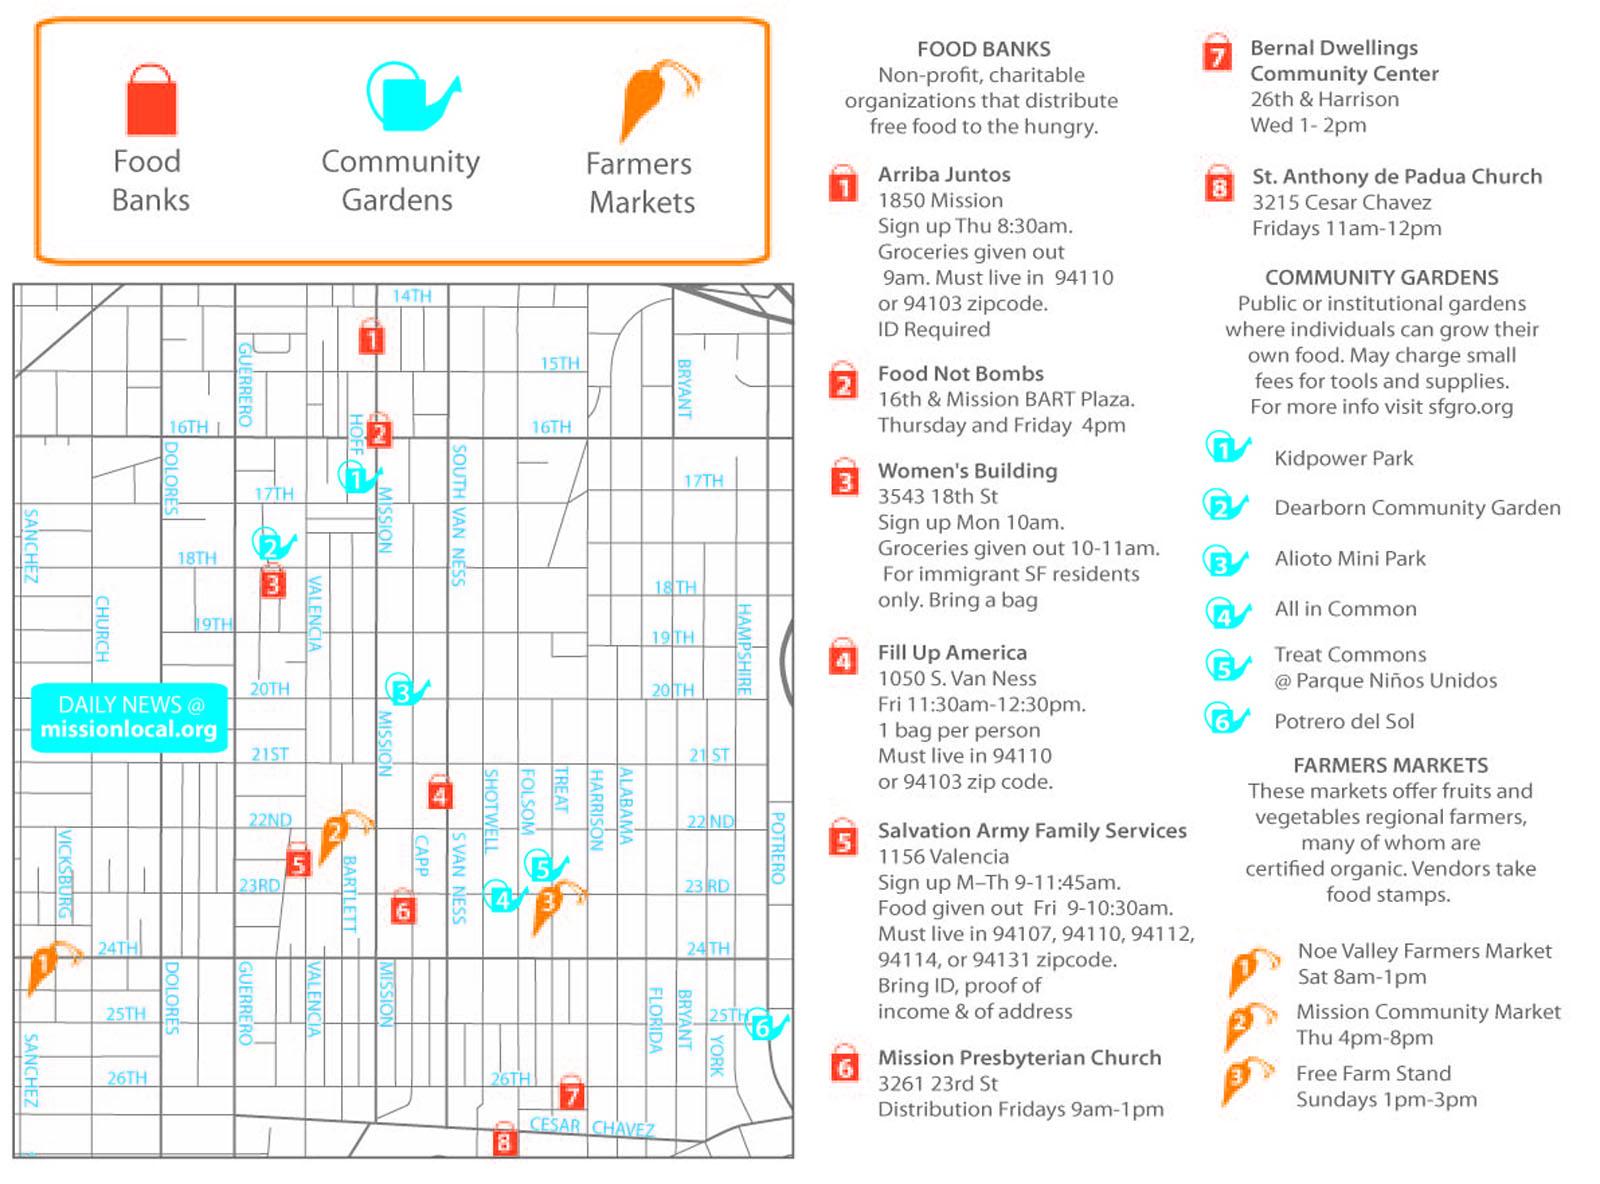 Food Vendors Map